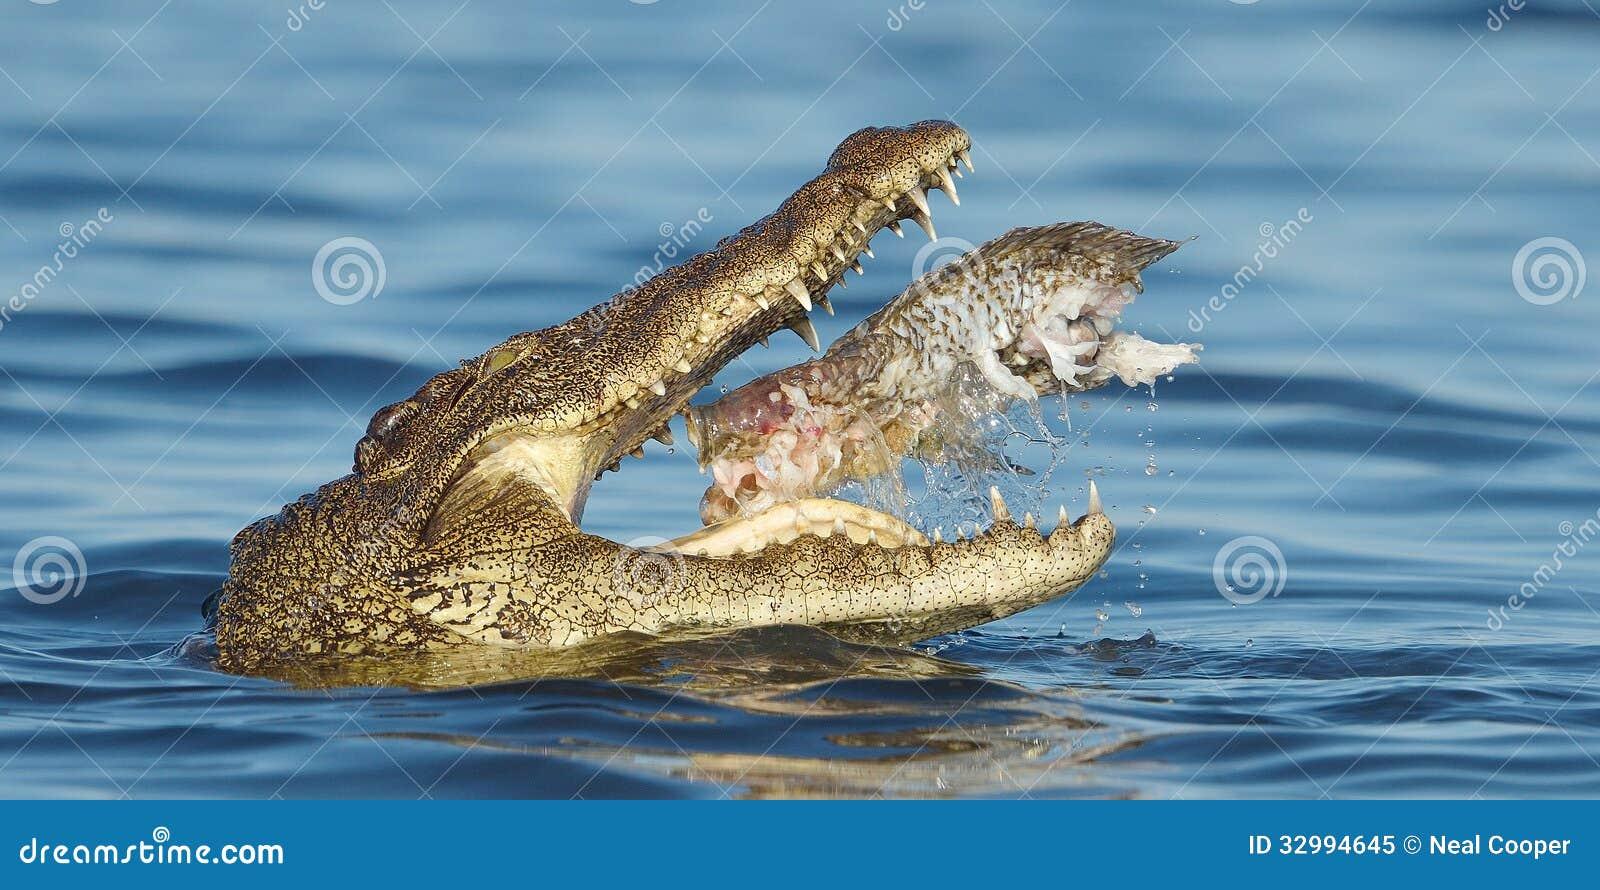 Nile Crocodile eating a fish